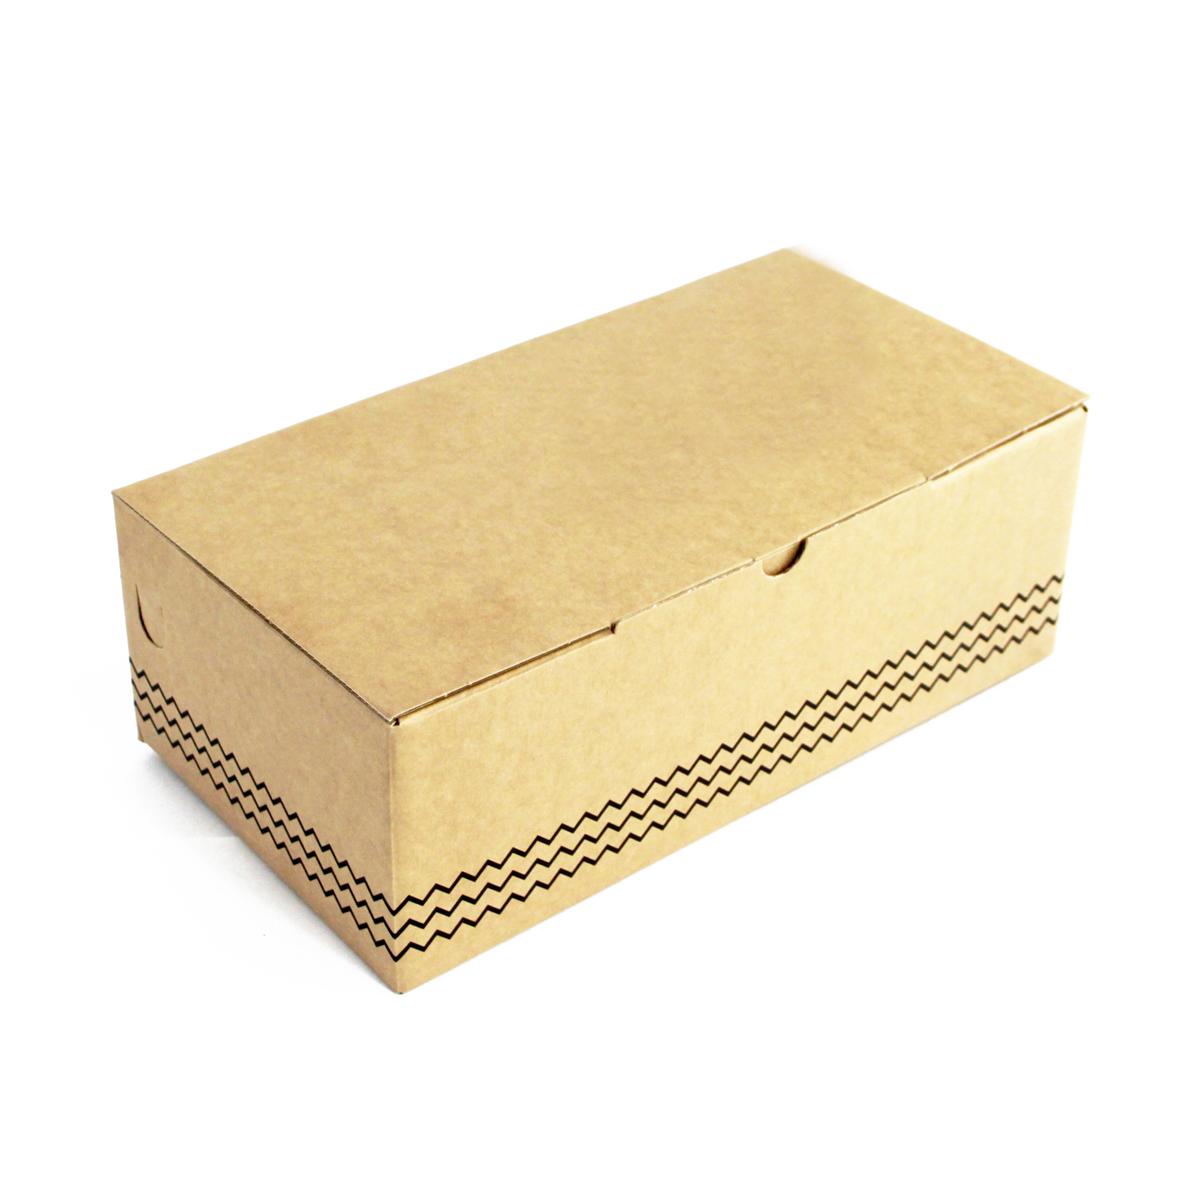 Caja de zapatos kraft - Cajas transparentes para zapatos ...